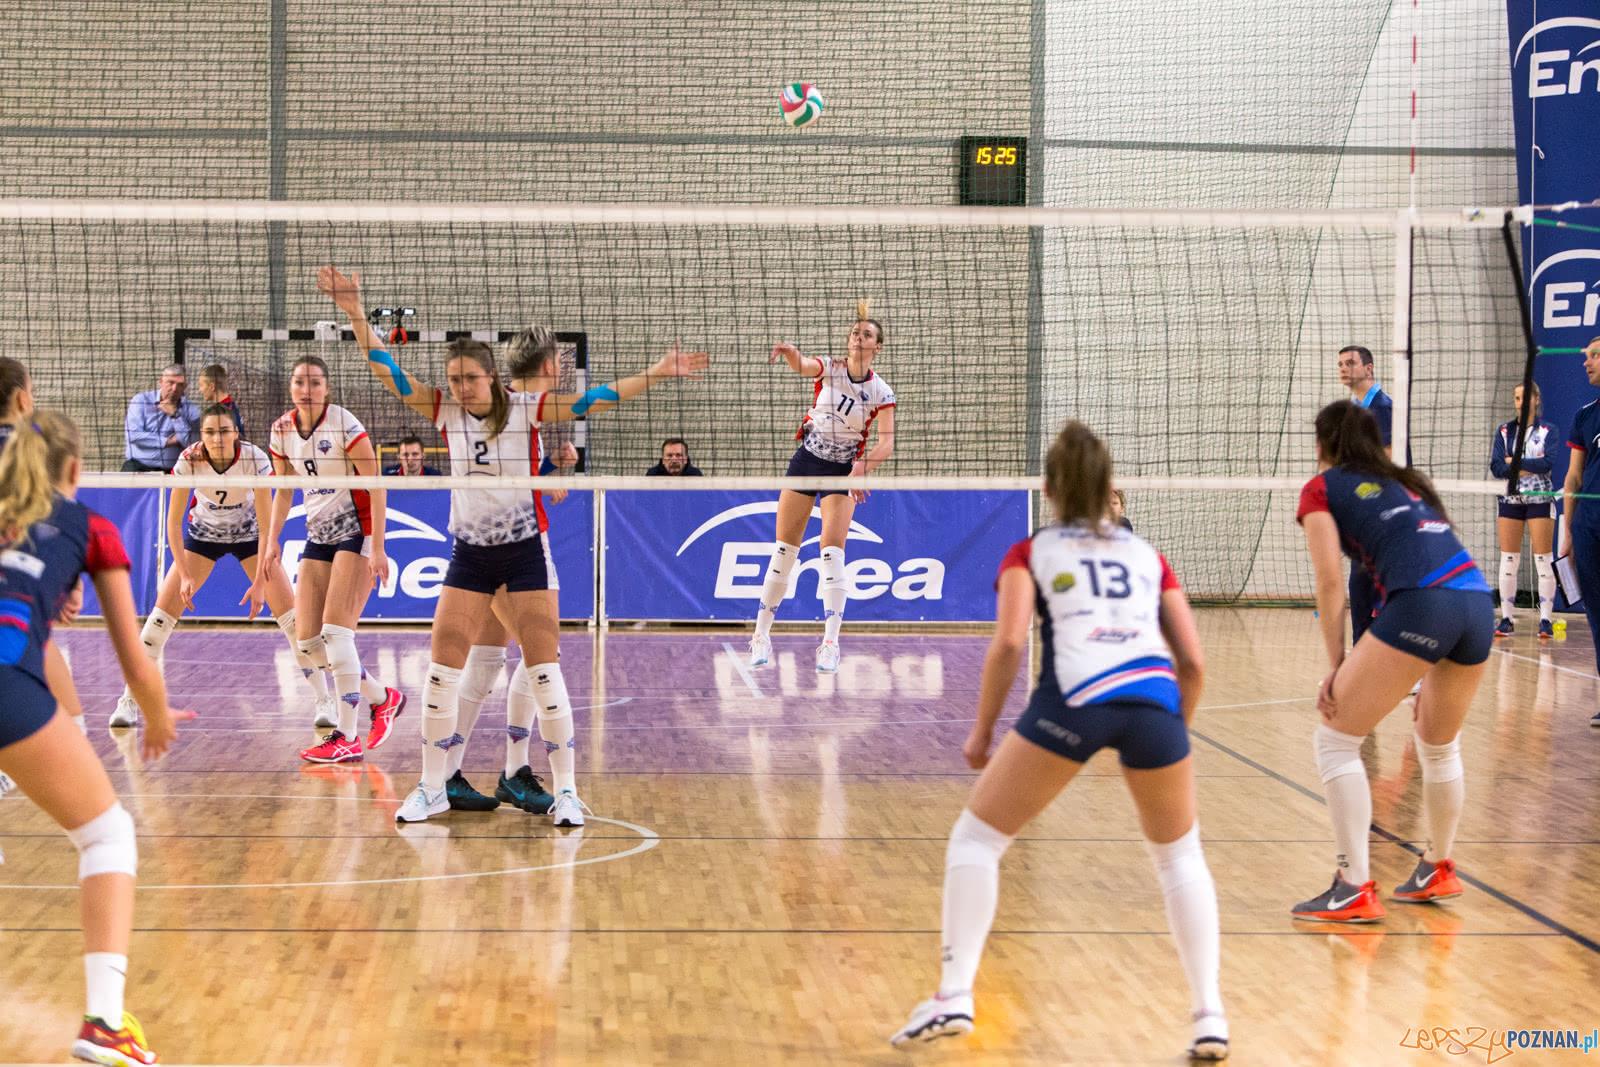 Enea Energetyk Poznań - Karpaty Krosno 2:3 (1 liga) - Poznań 1  Foto: LepszyPOZNAN.pl / Paweł Rychter